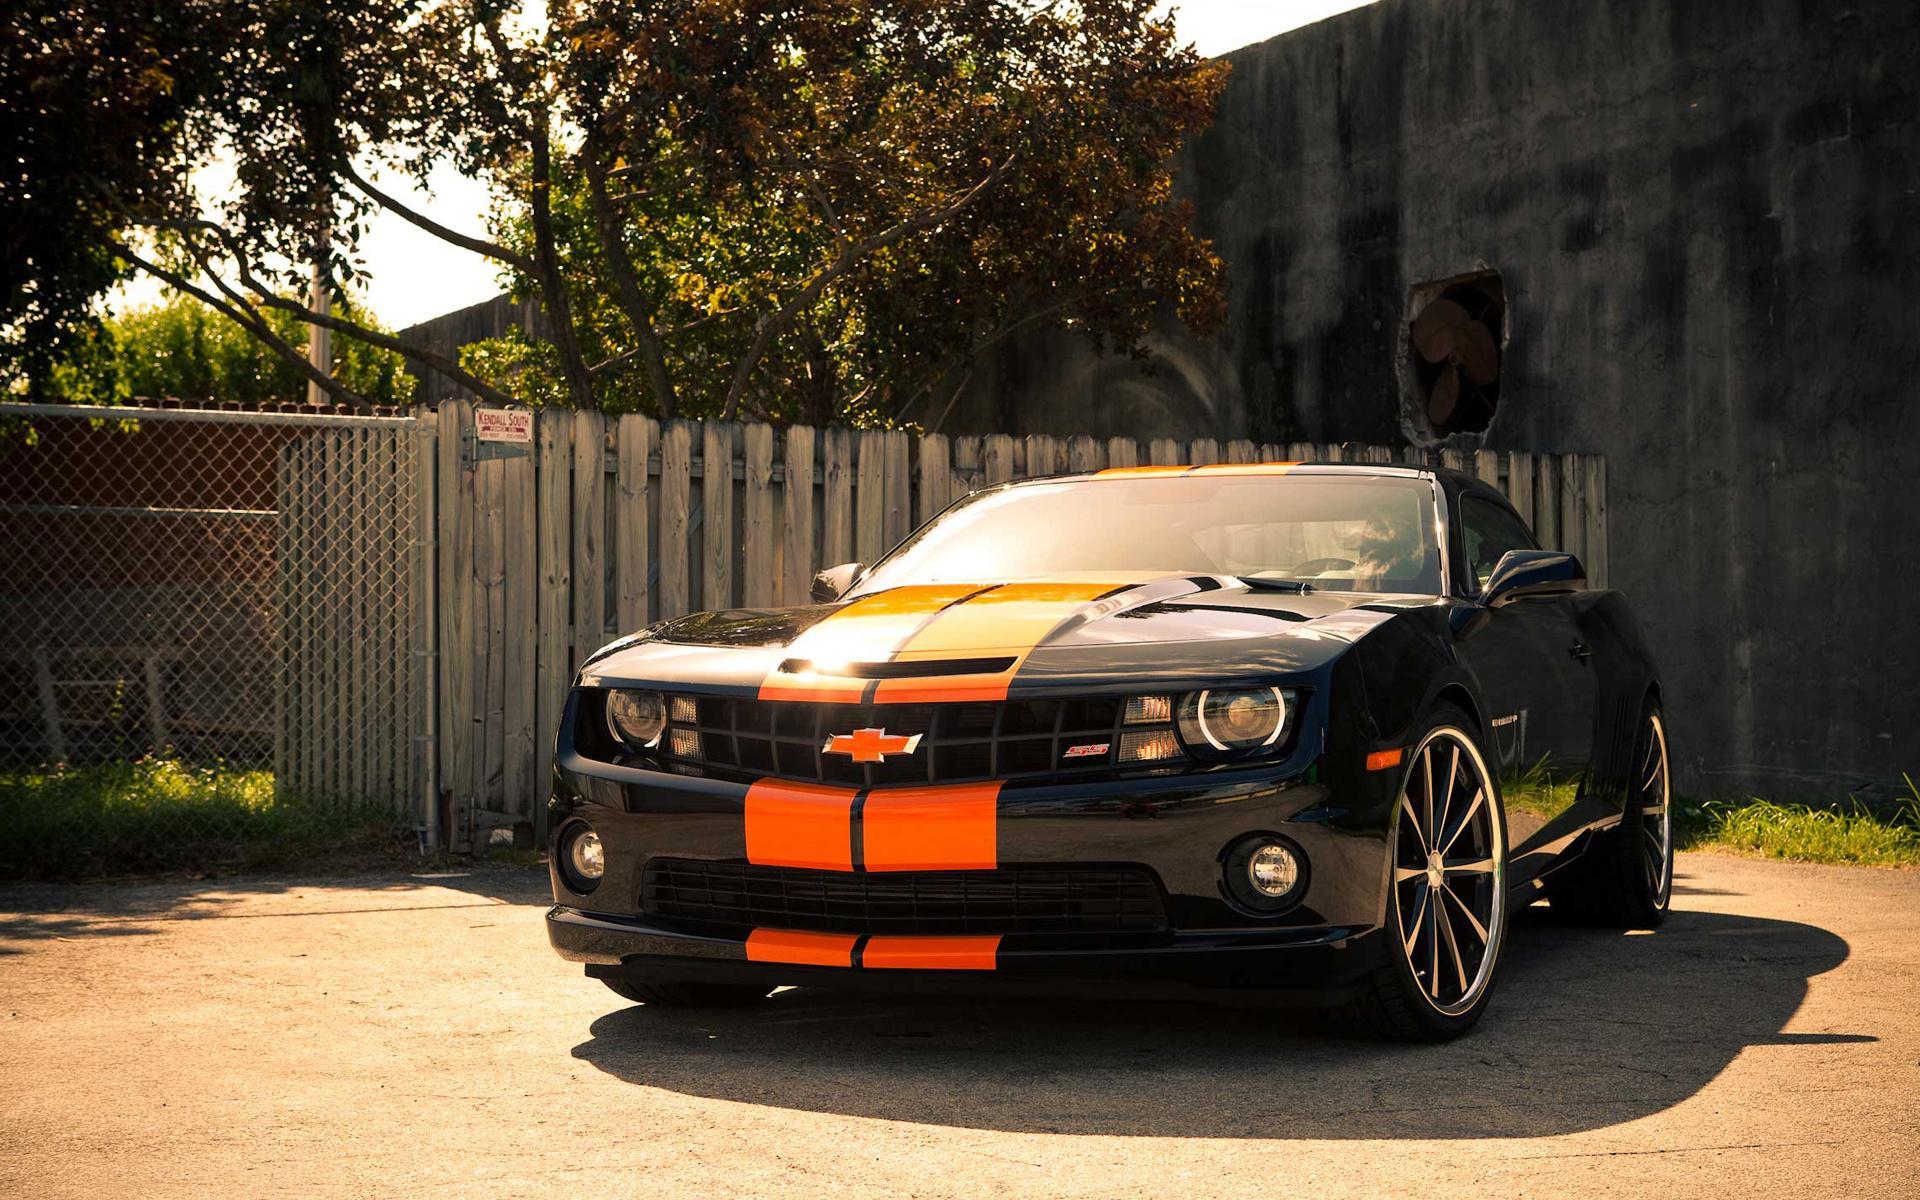 Full HD Wallpapers 1366x768 Car - WallpaperSafari